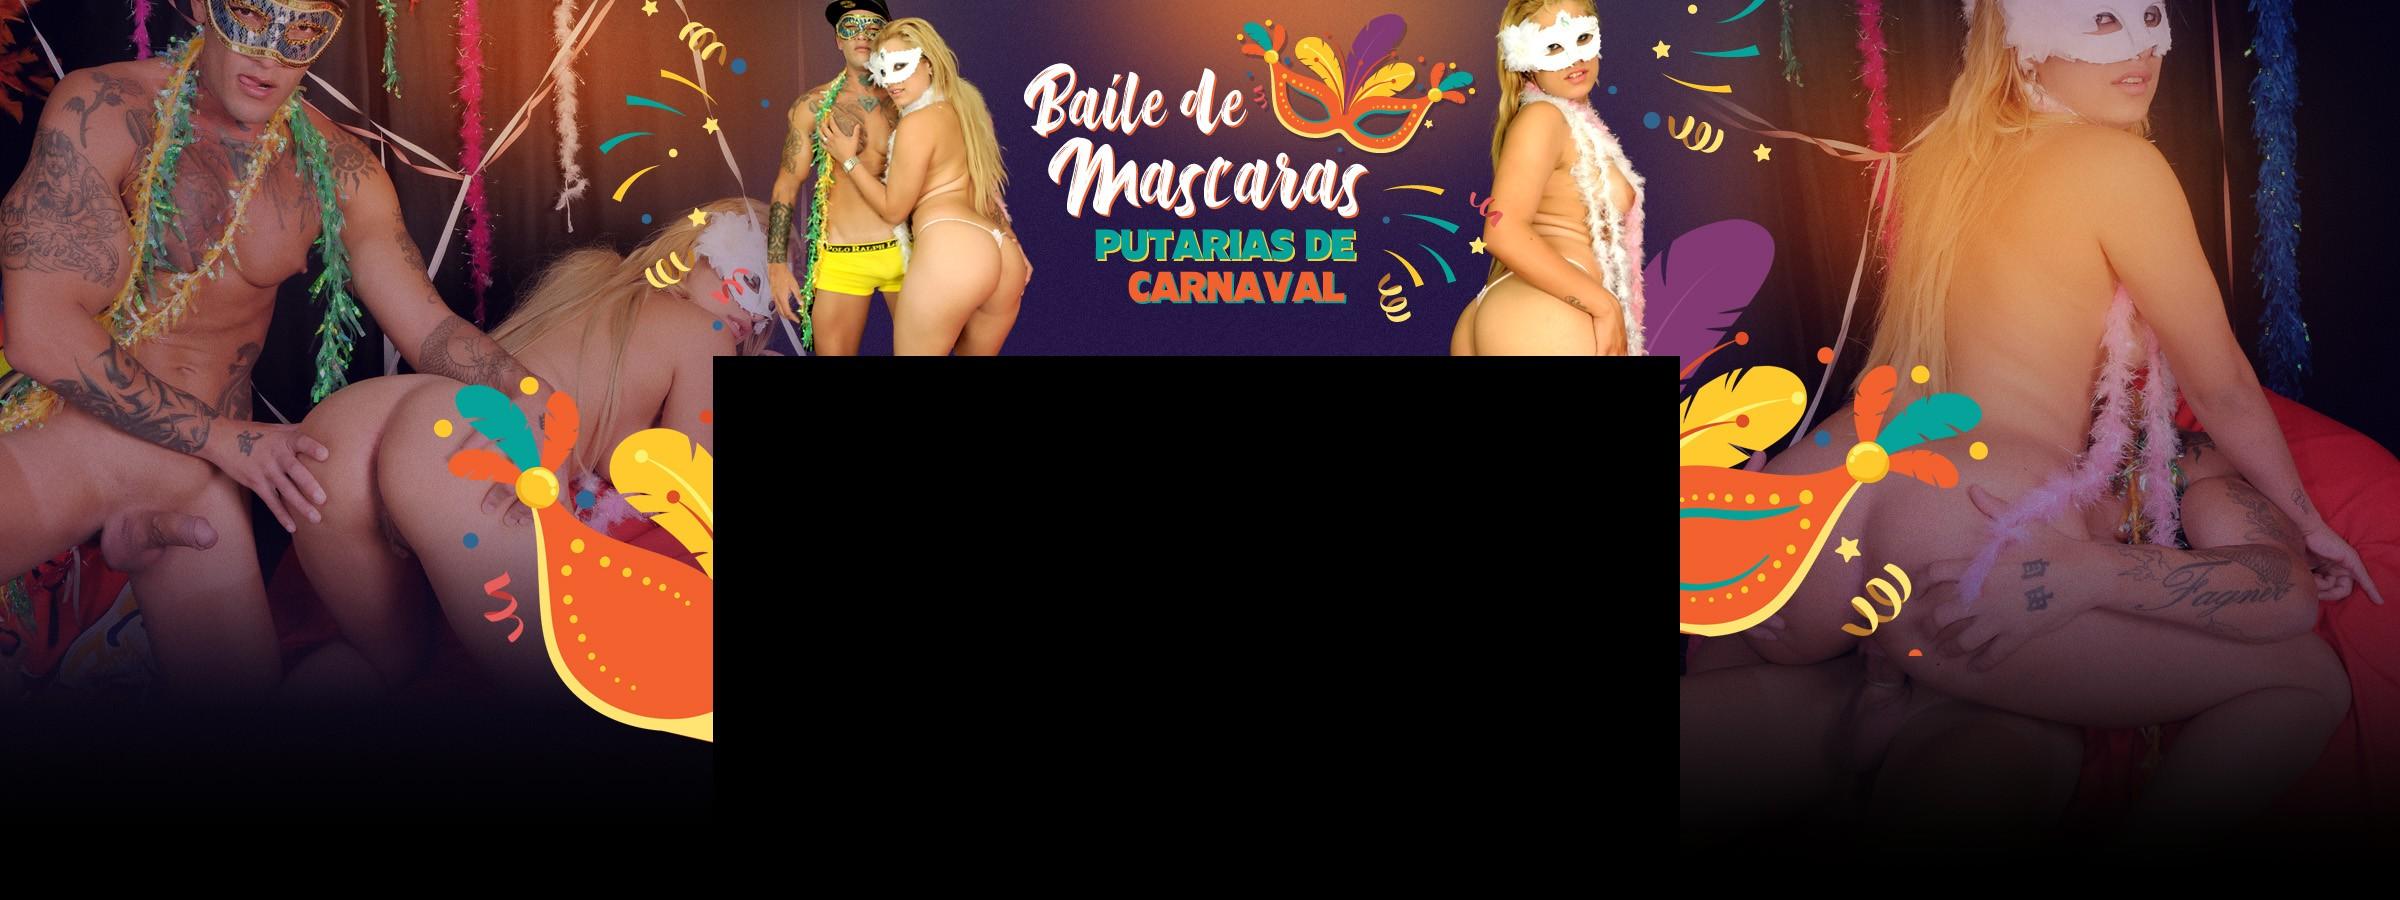 Sexo com loira Monique depois da folia de carnaval